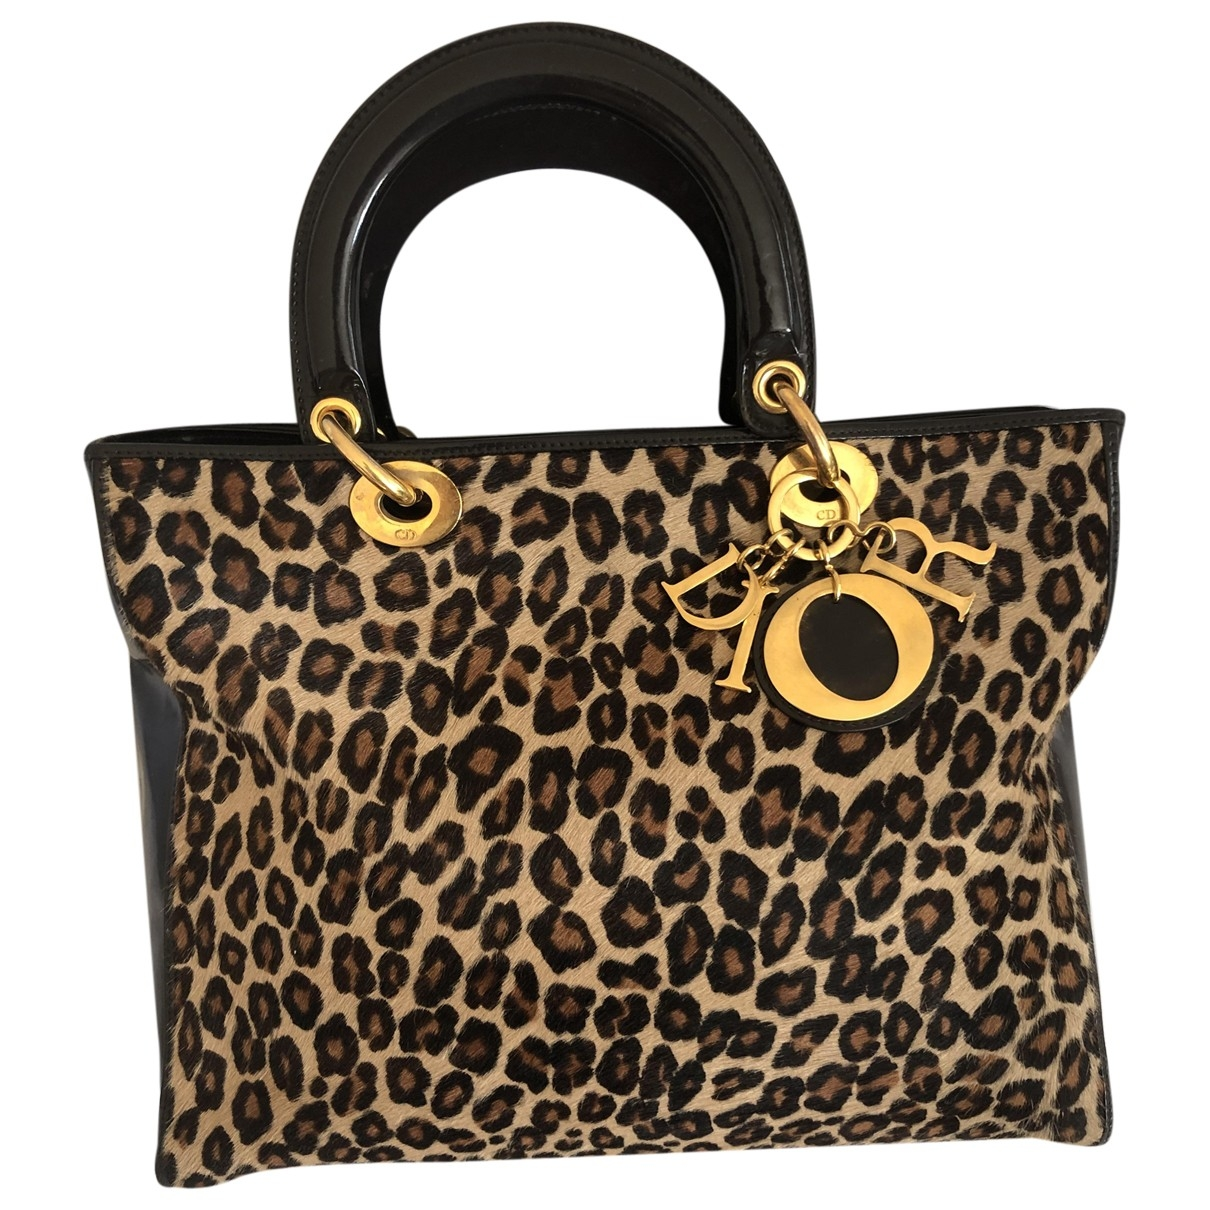 Dior Diorissimo Handtasche in  Braun Kalbsleder in Pony-Optik